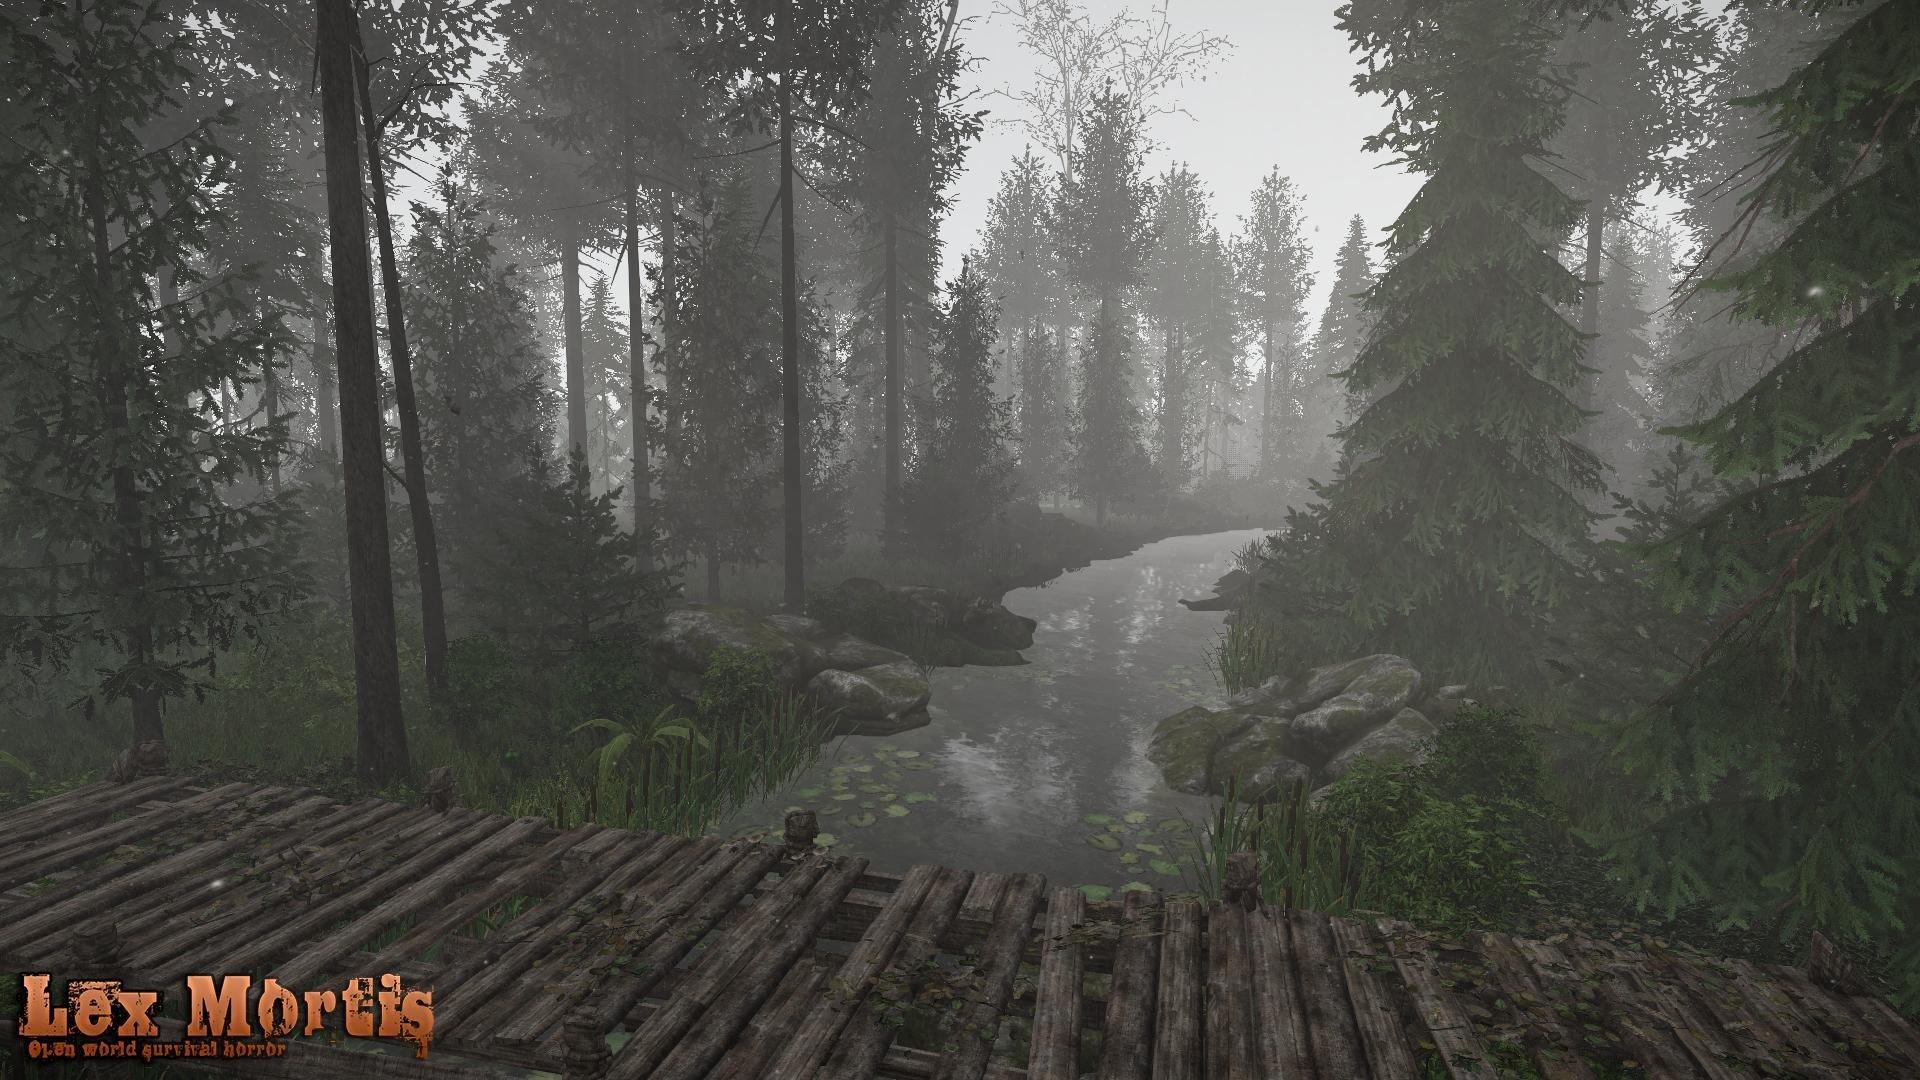 Скачать торрент игры Экшен для PC - Place-Game com